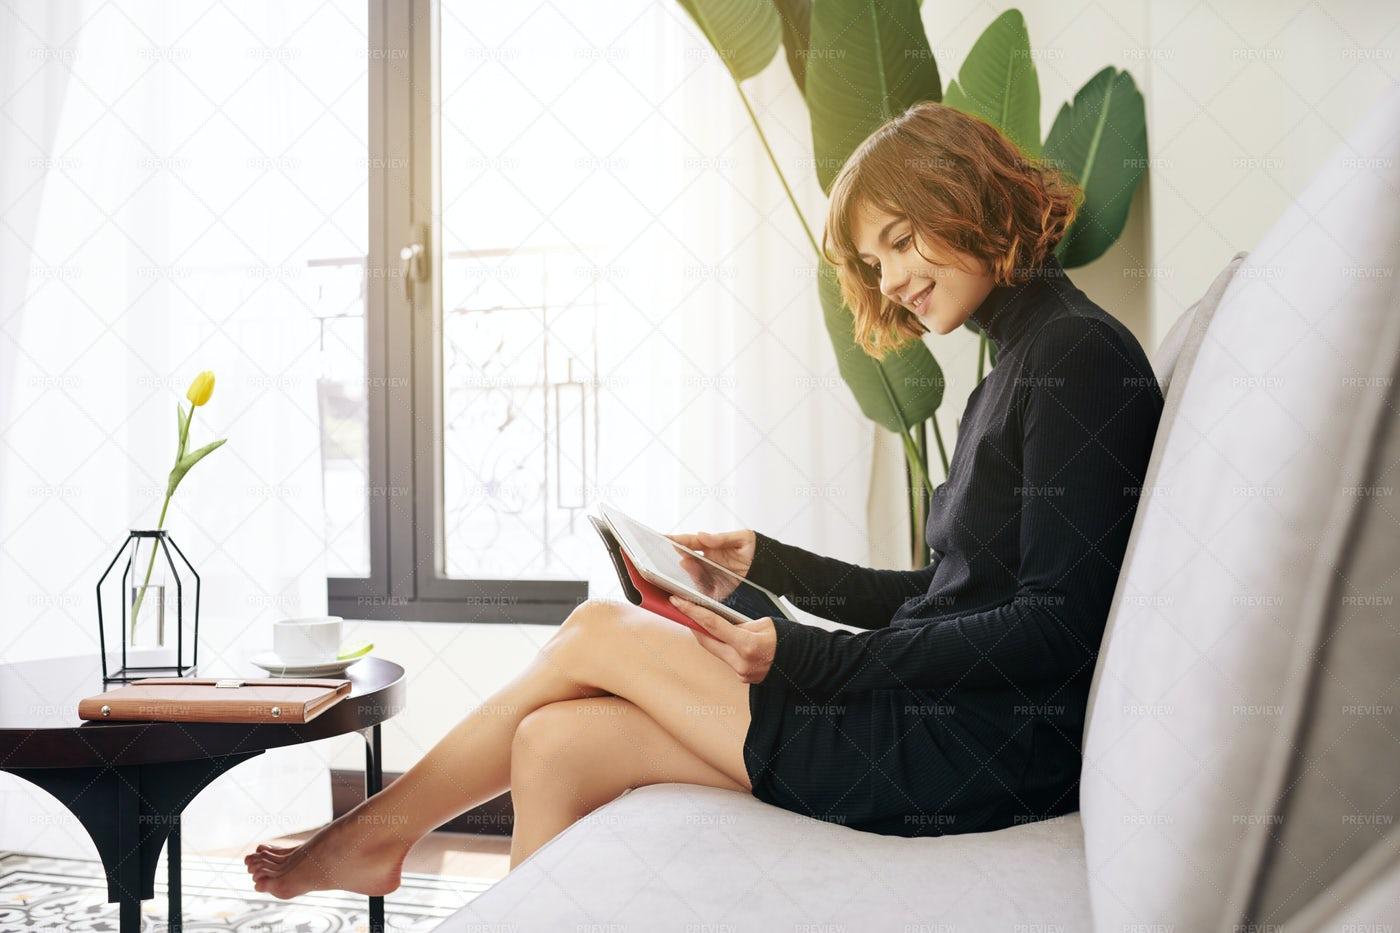 Pretty Woman Reading E-book: Stock Photos